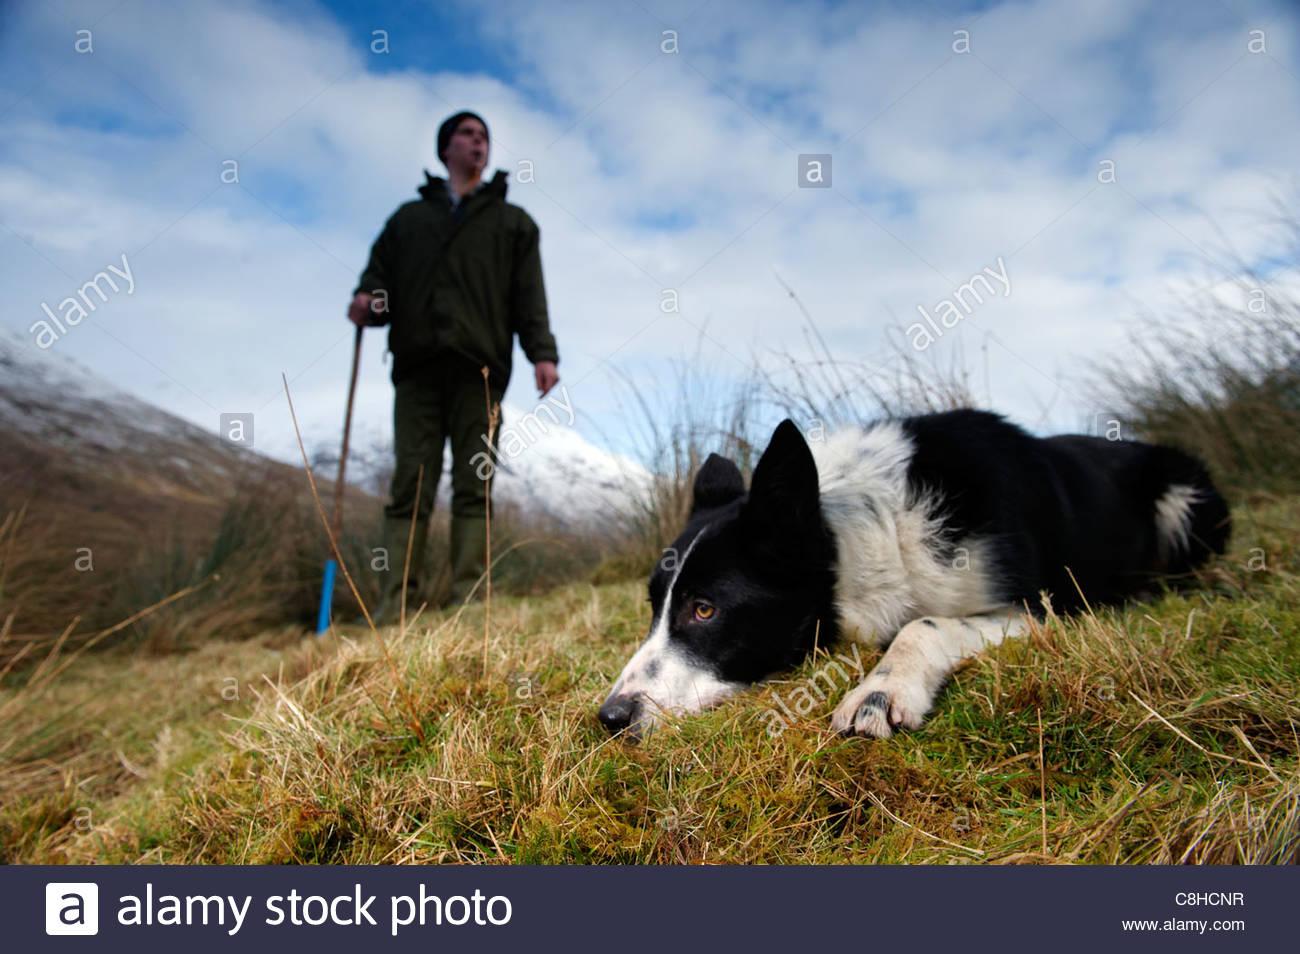 Un perro blanco y negro se encuentra en la hierba cerca de su joven dueño. Imagen De Stock